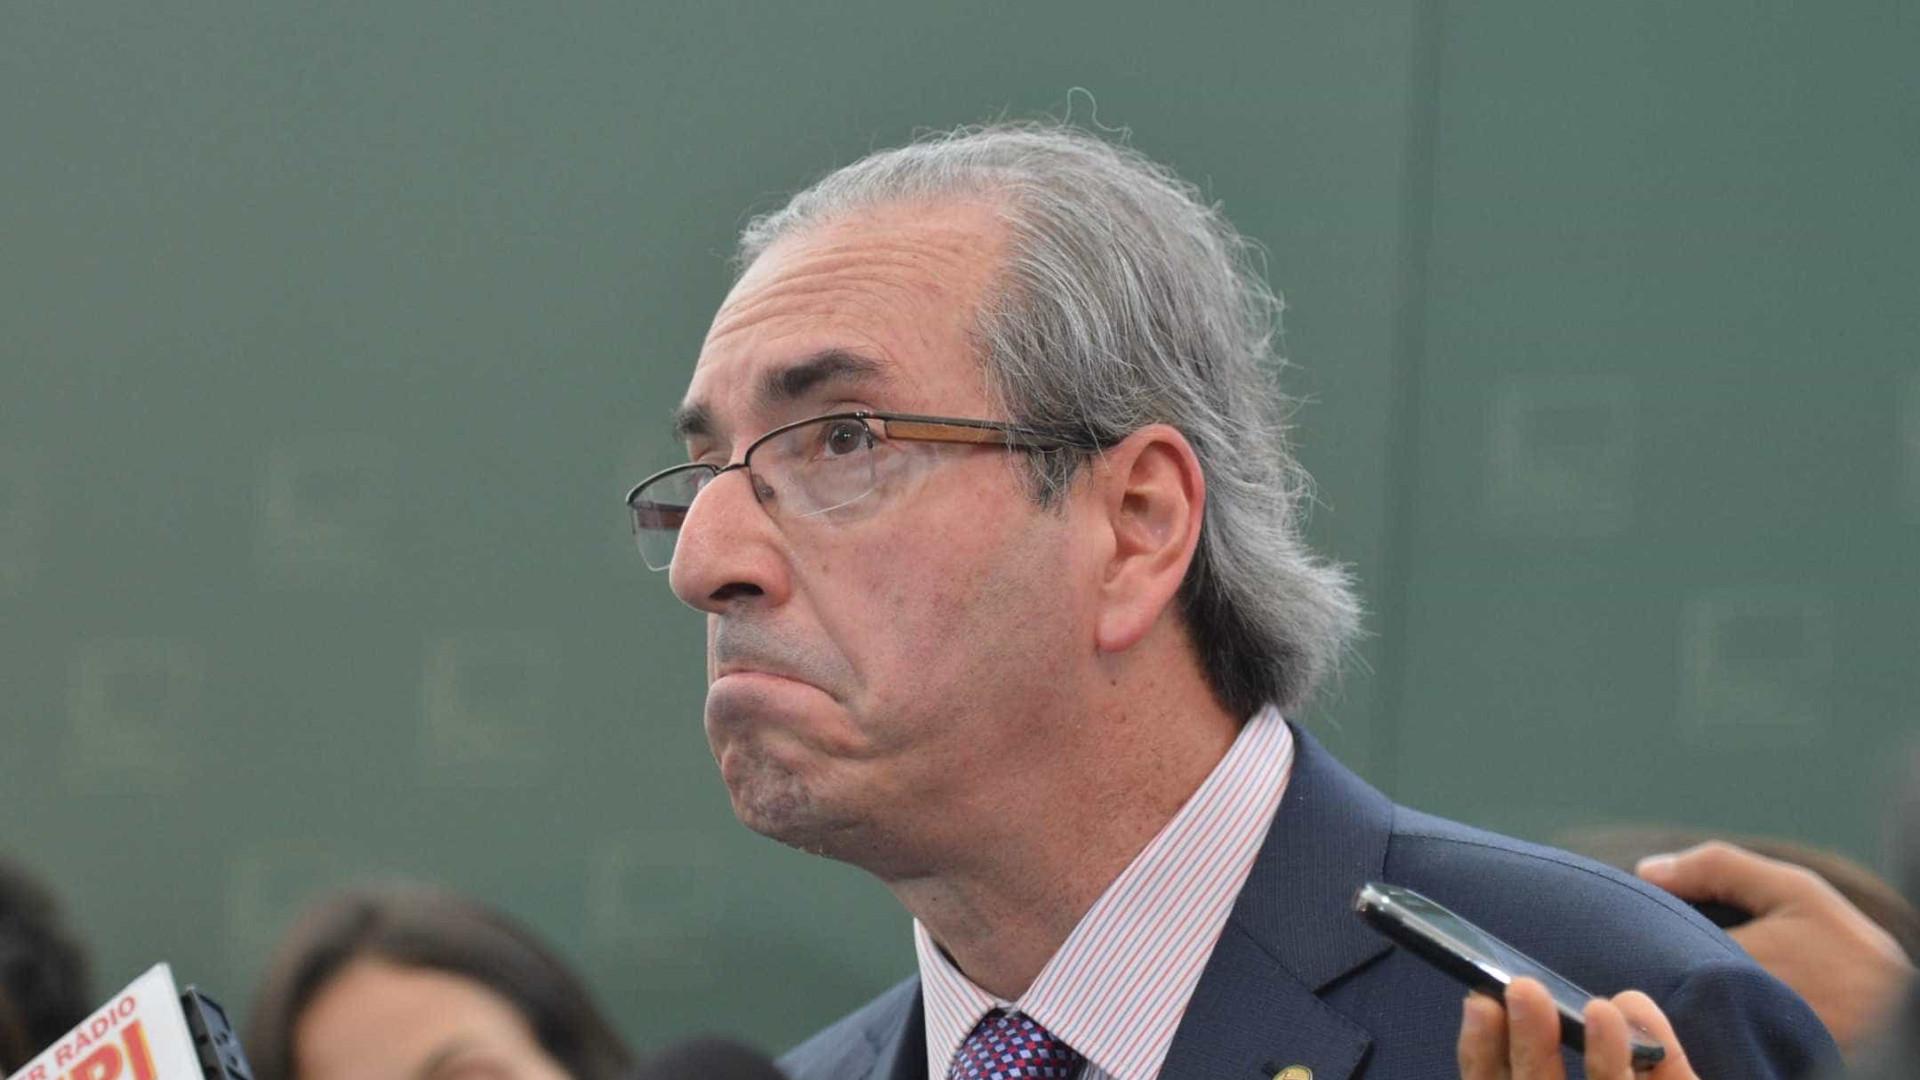 Justiça impede editora de distribuir  livro que usa nome de Cunha